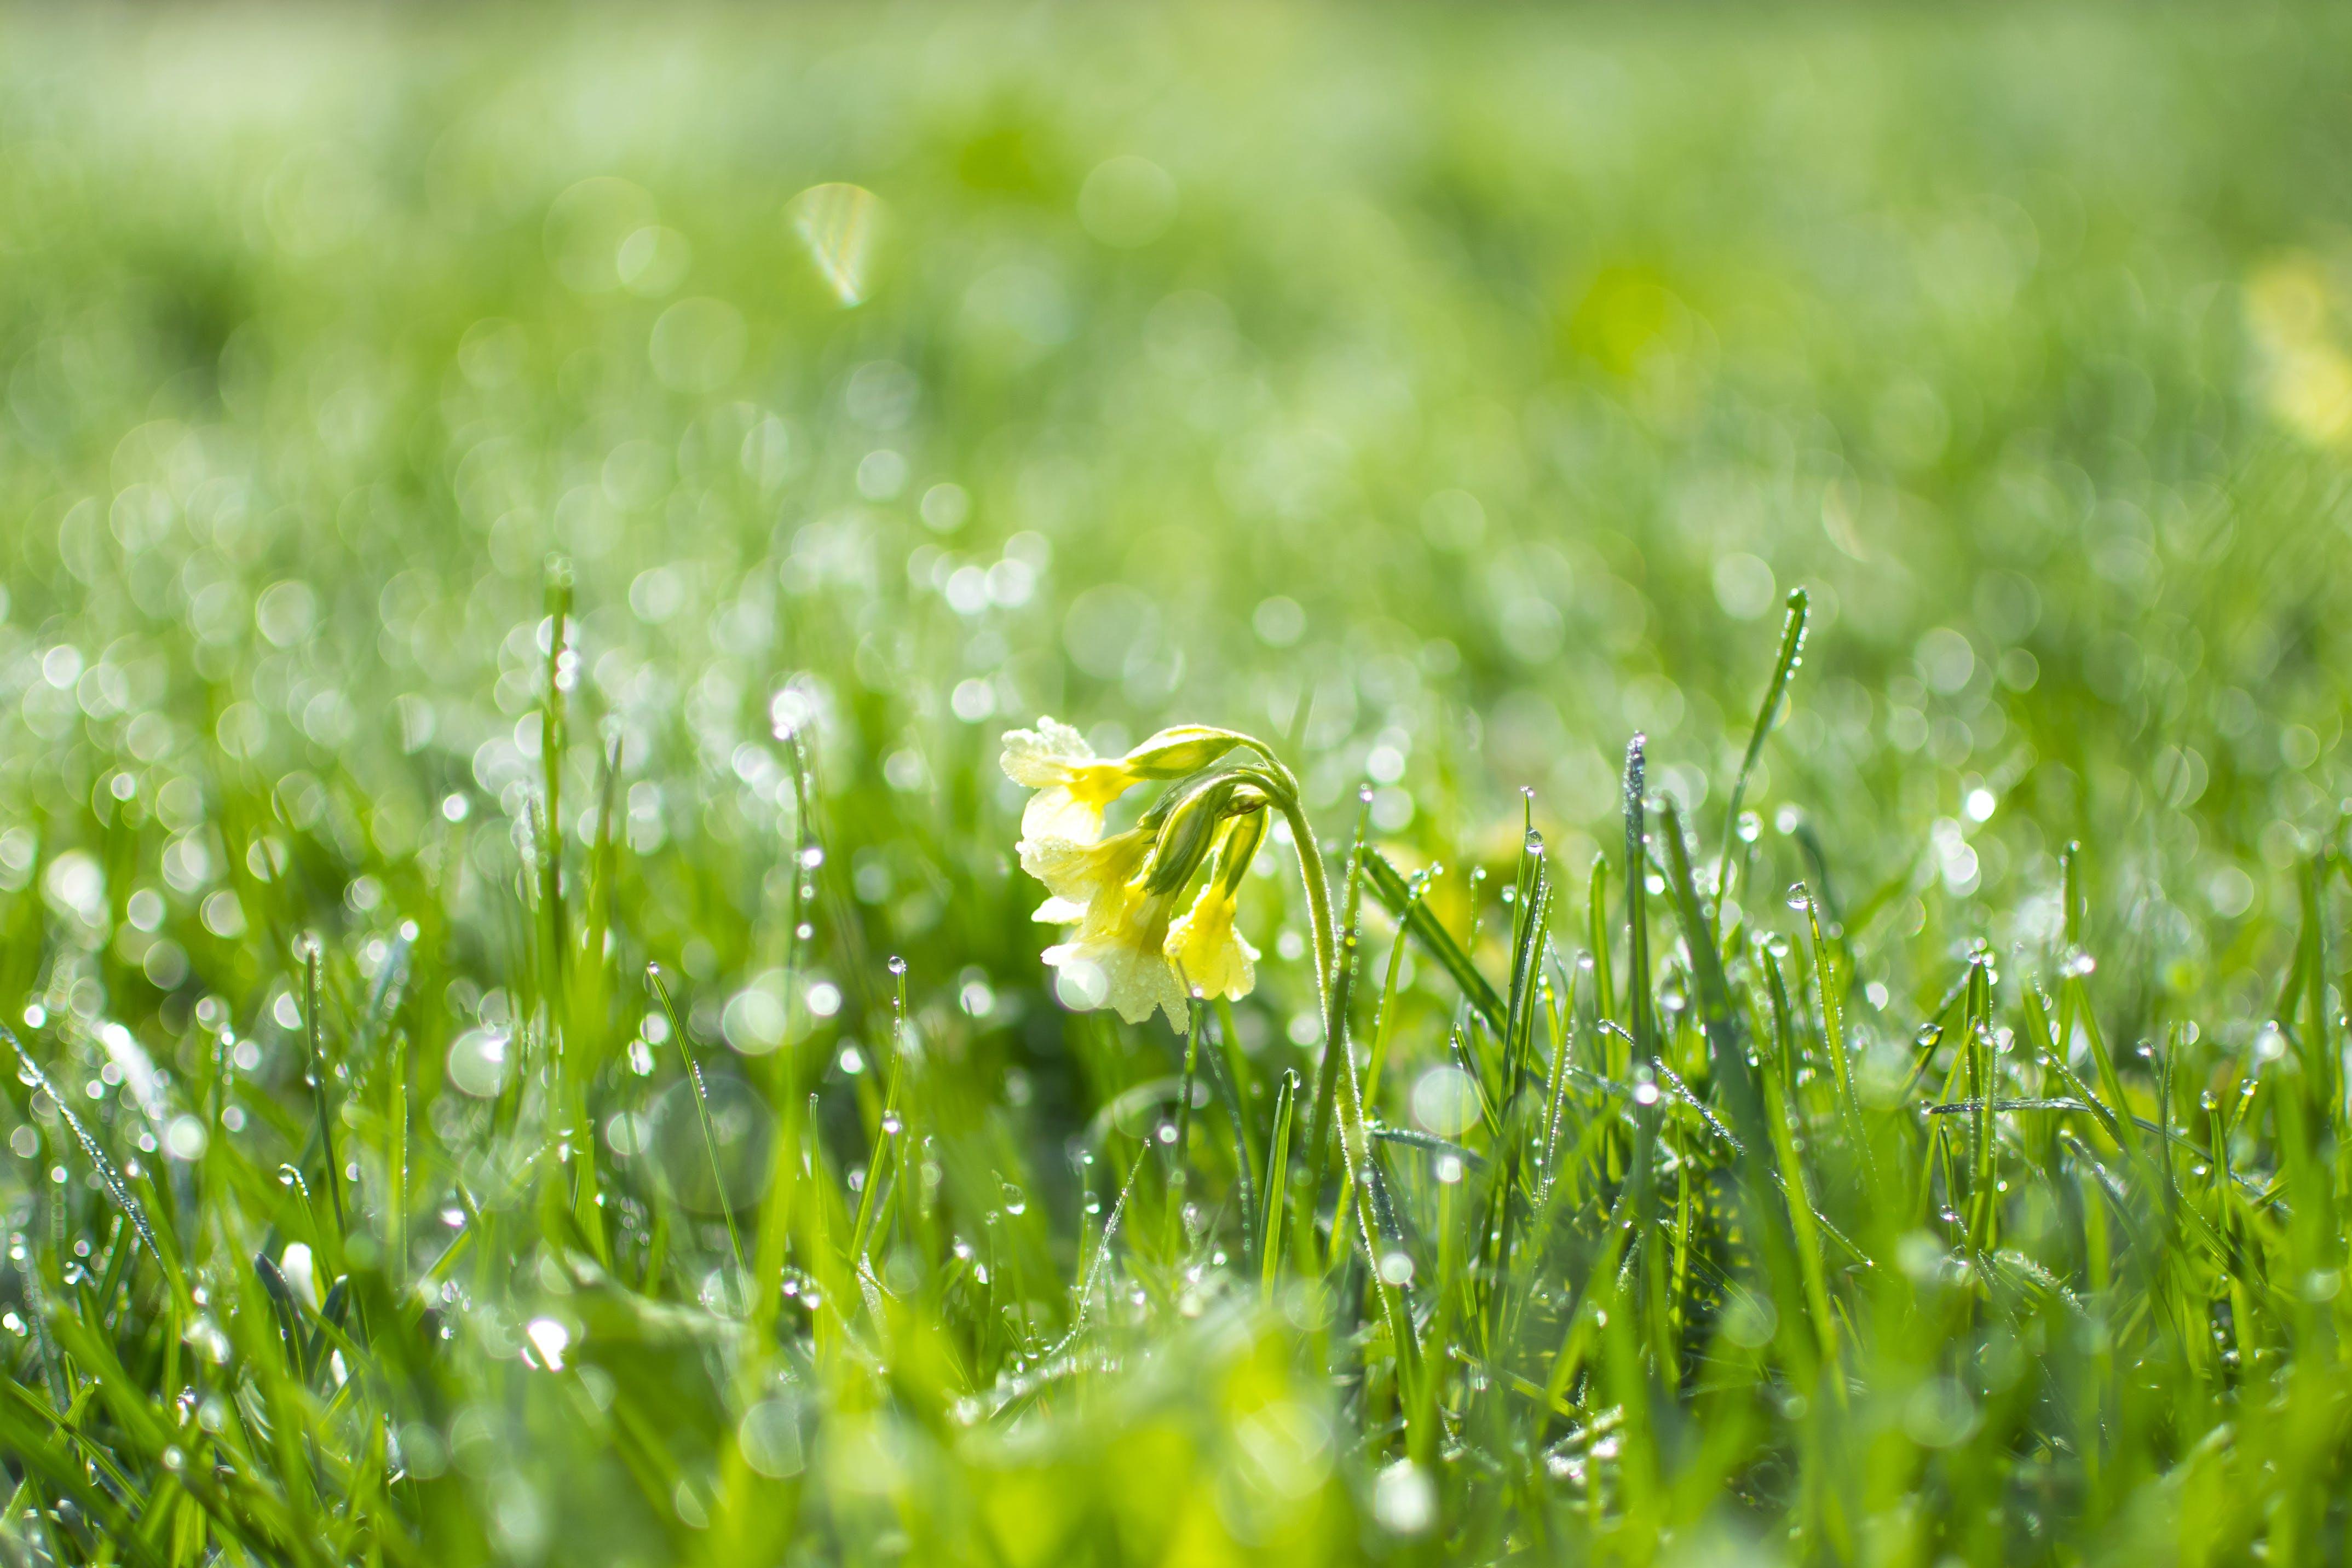 คลังภาพถ่ายฟรี ของ ธรรมชาติ, น้ำค้าง, พฤกษชาติ, สีเหลืองอ่อน